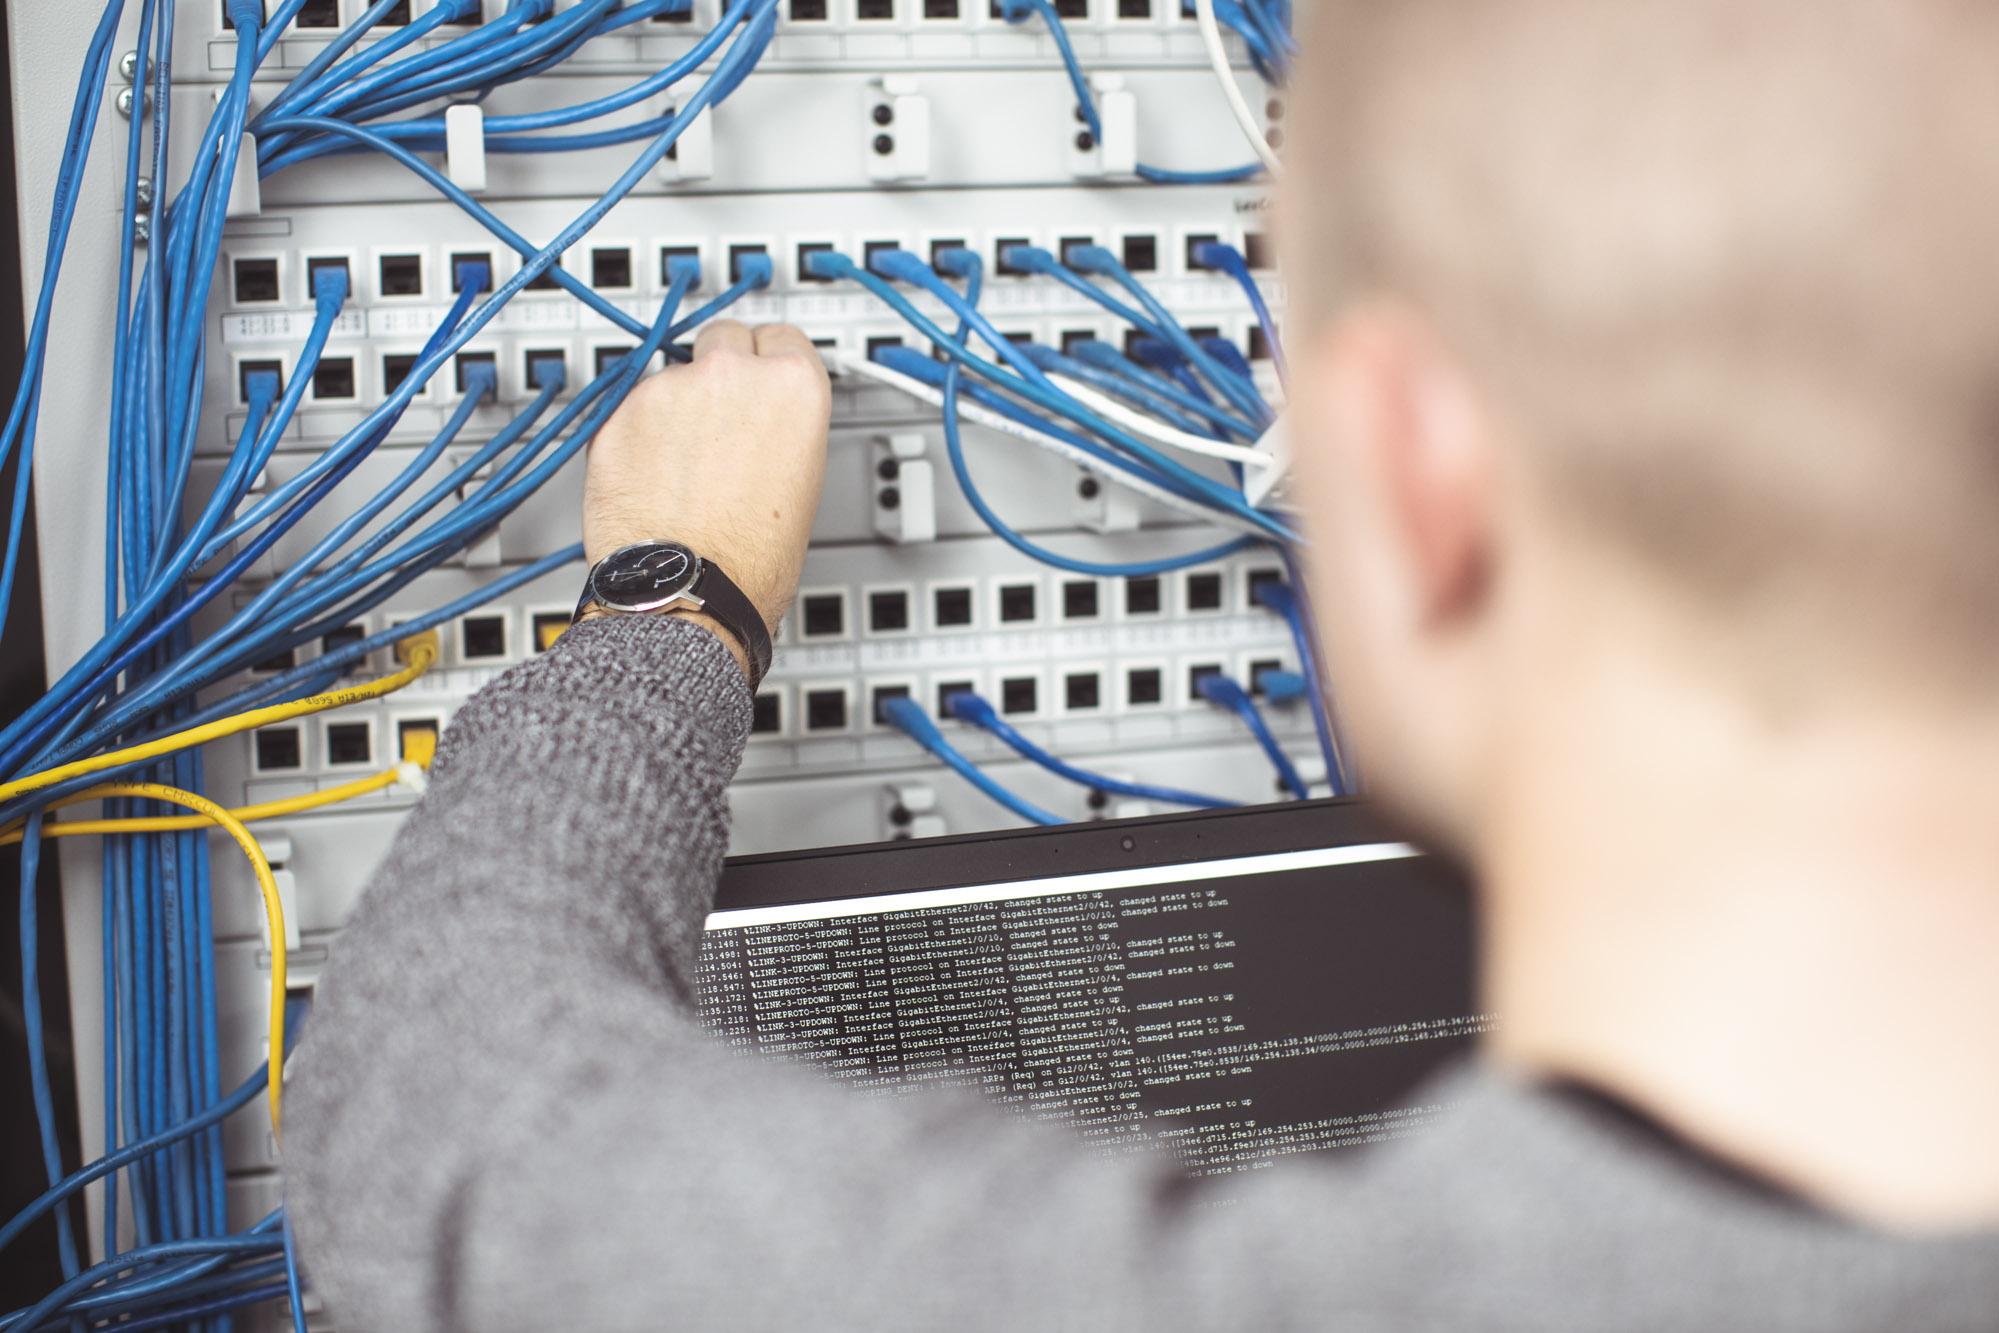 13_IT-tekniker_117.jpg